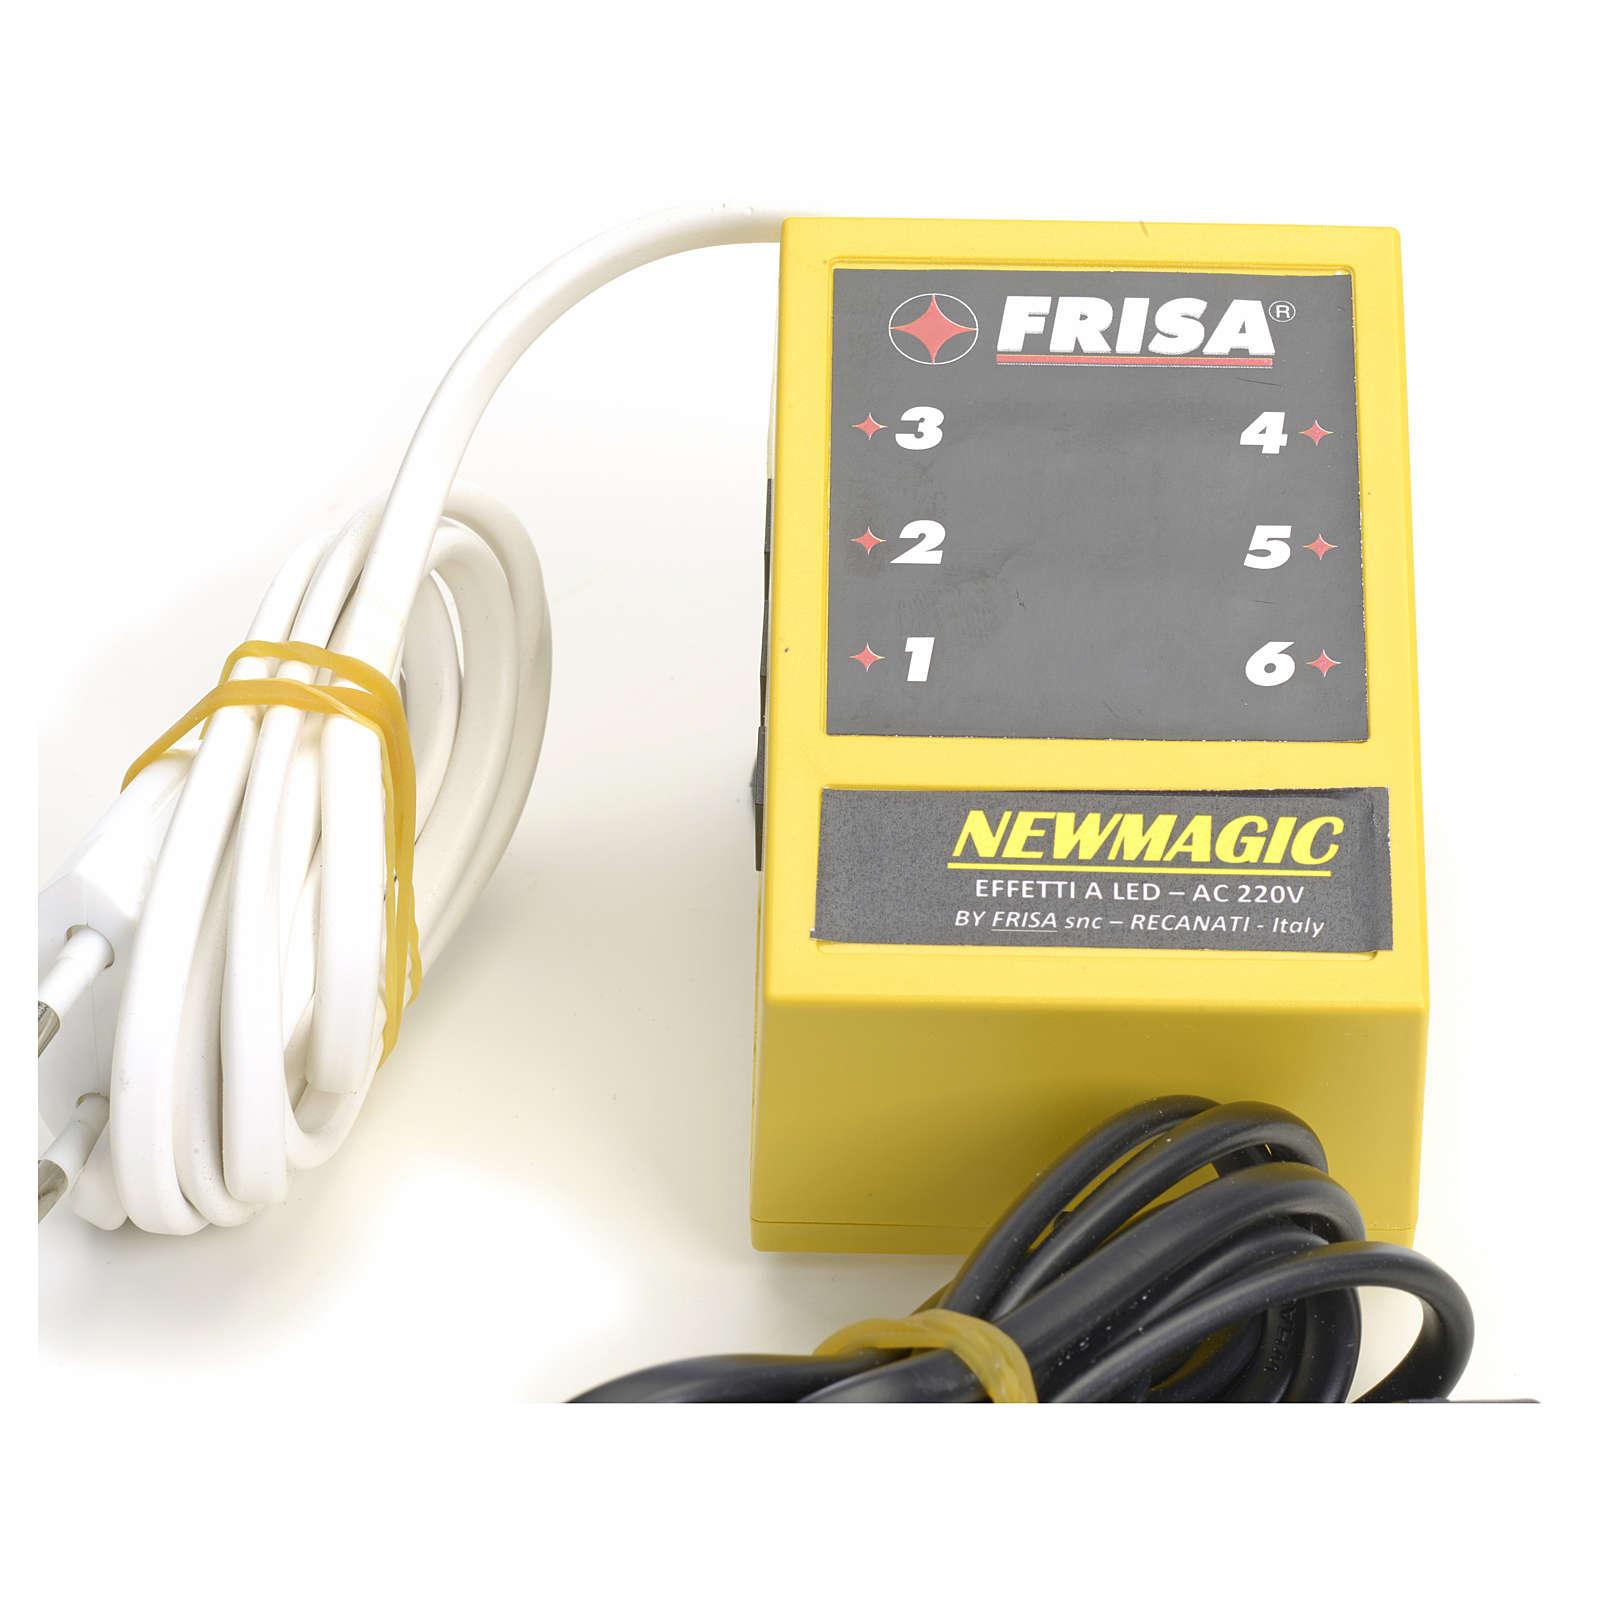 Newmagic (Frisalight): led effect synchronisation 4